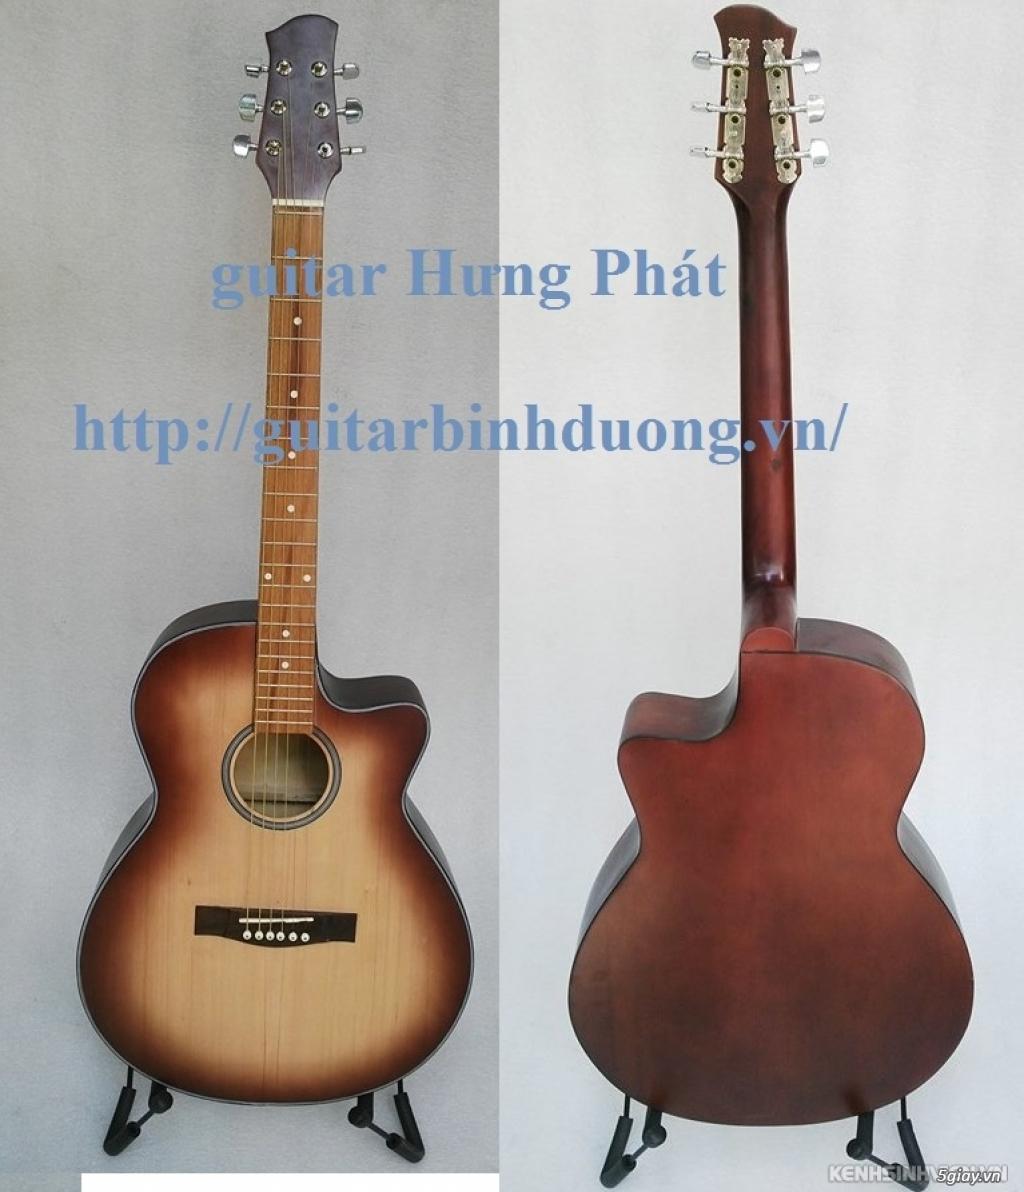 bán Đàn Guitar Giá Rẻ từ 390k tại cửa hàng nhạc cụ mới Bình Dương - 2